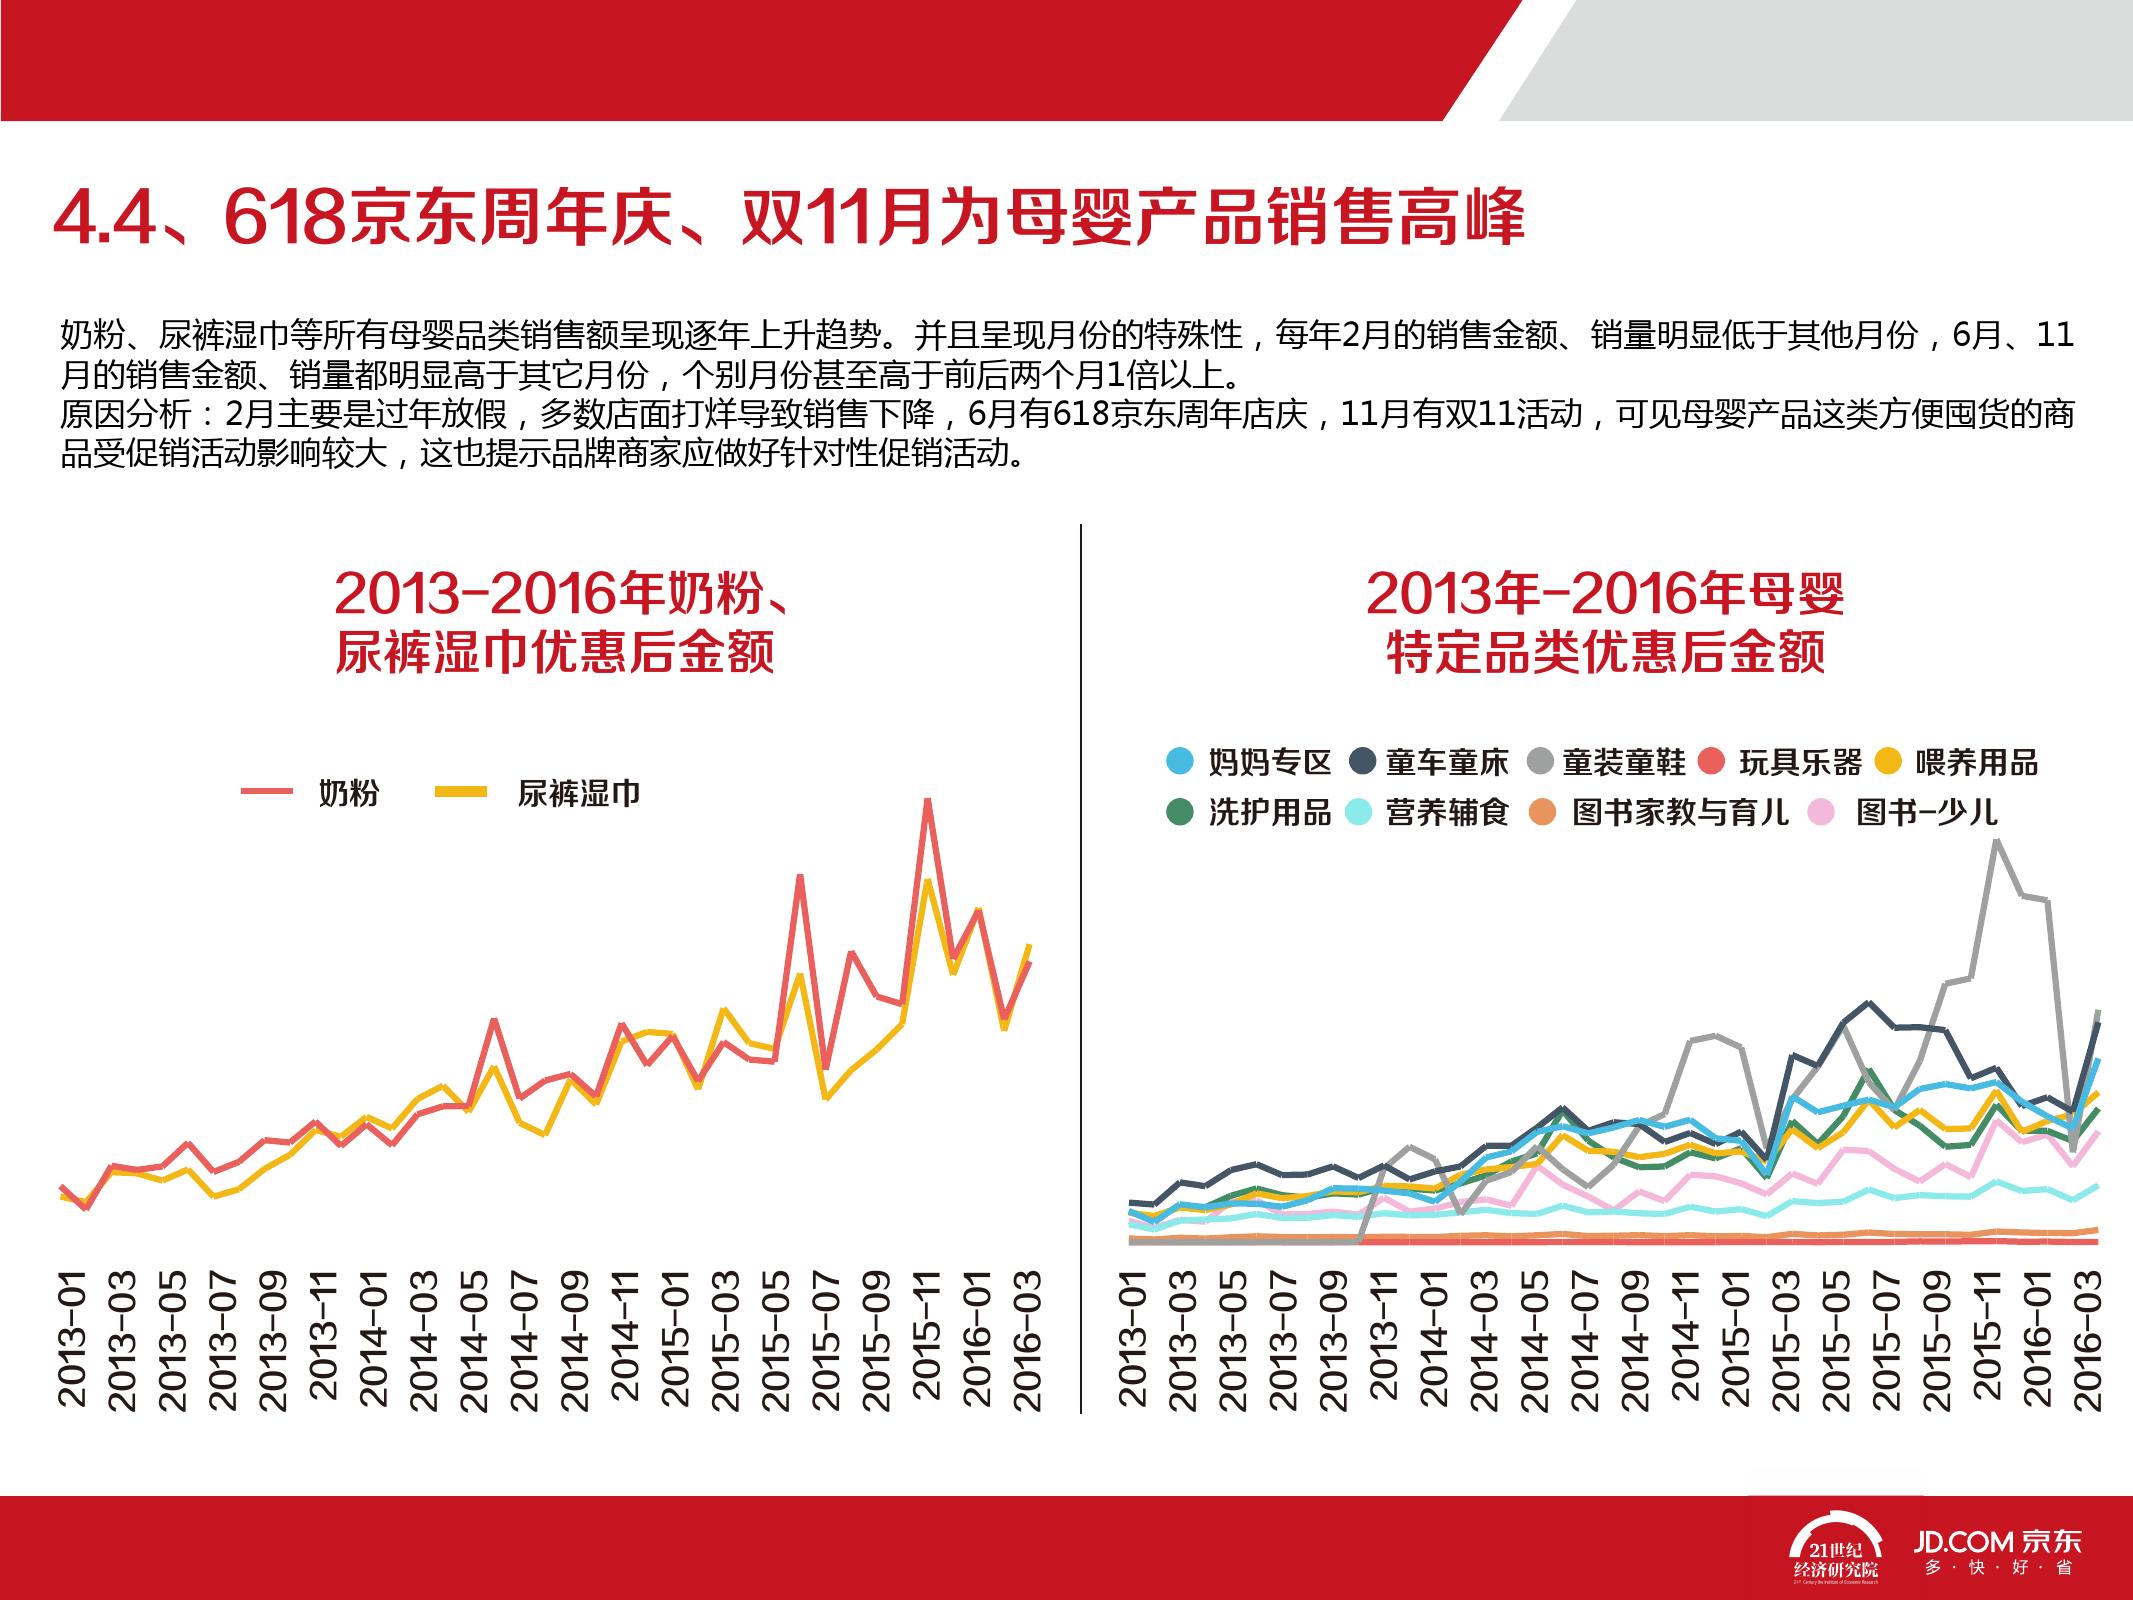 2016中国母婴产品消费趋势报告_000048